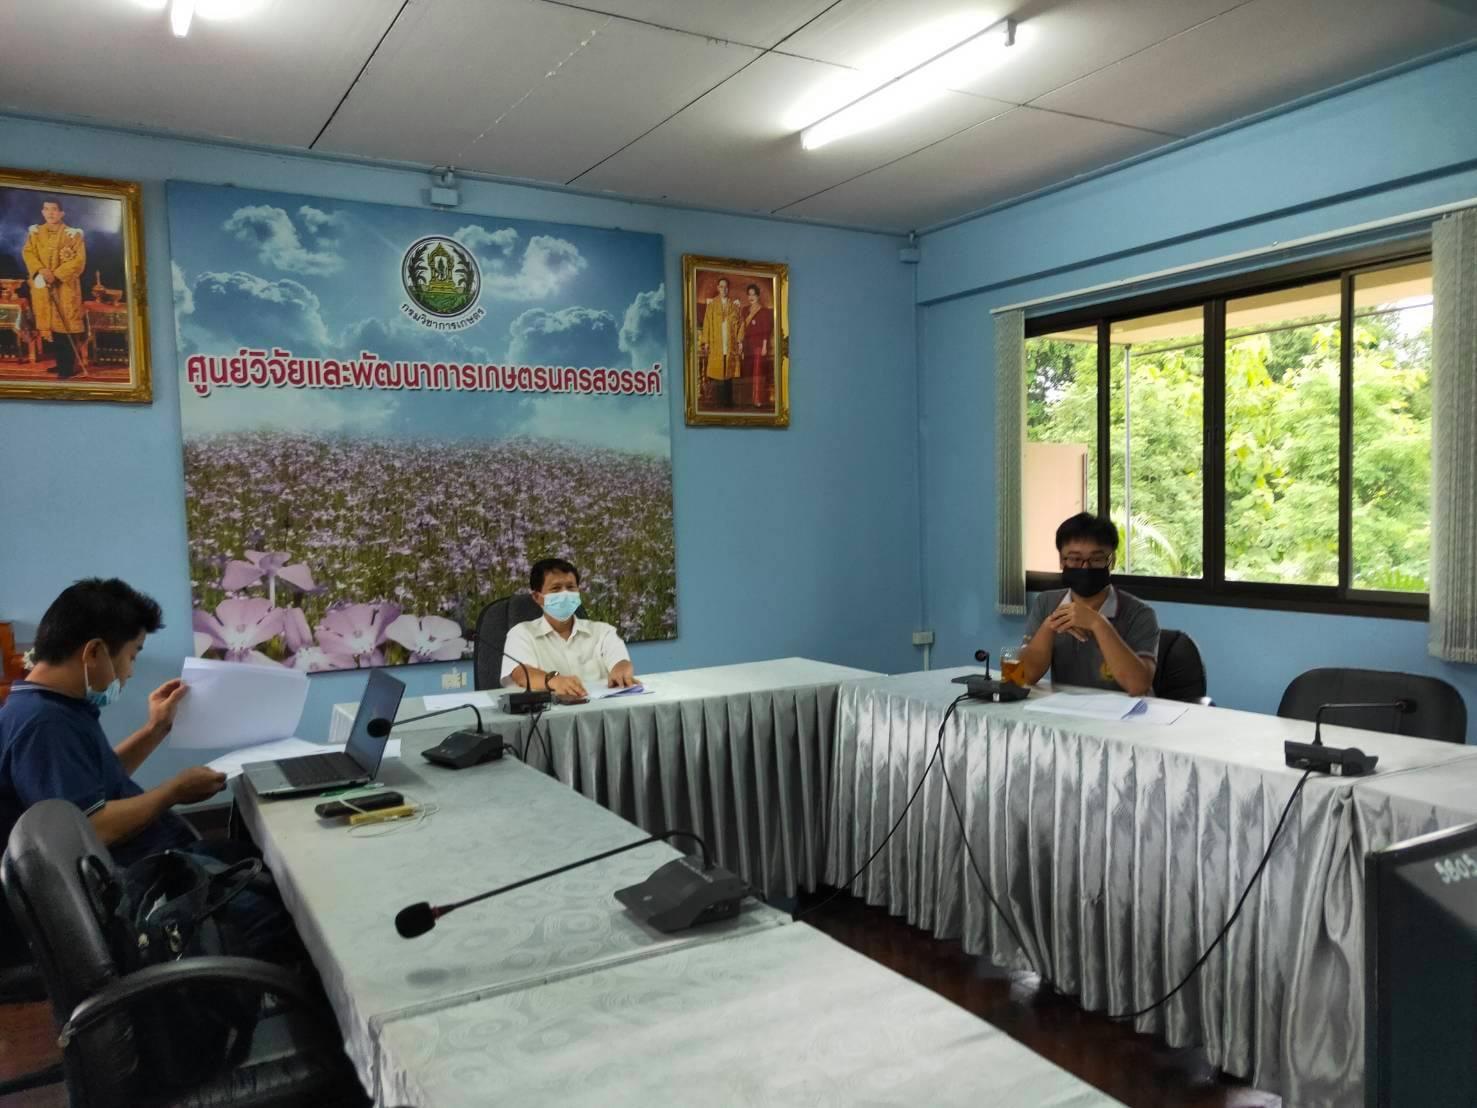 ร่วมประชุมคณะกรรมการบริหารงานโครงการพิเศษในพื้นที่ สวพ.5 ปีงบประมาณ 2564 ครั้งที่ 2/2564